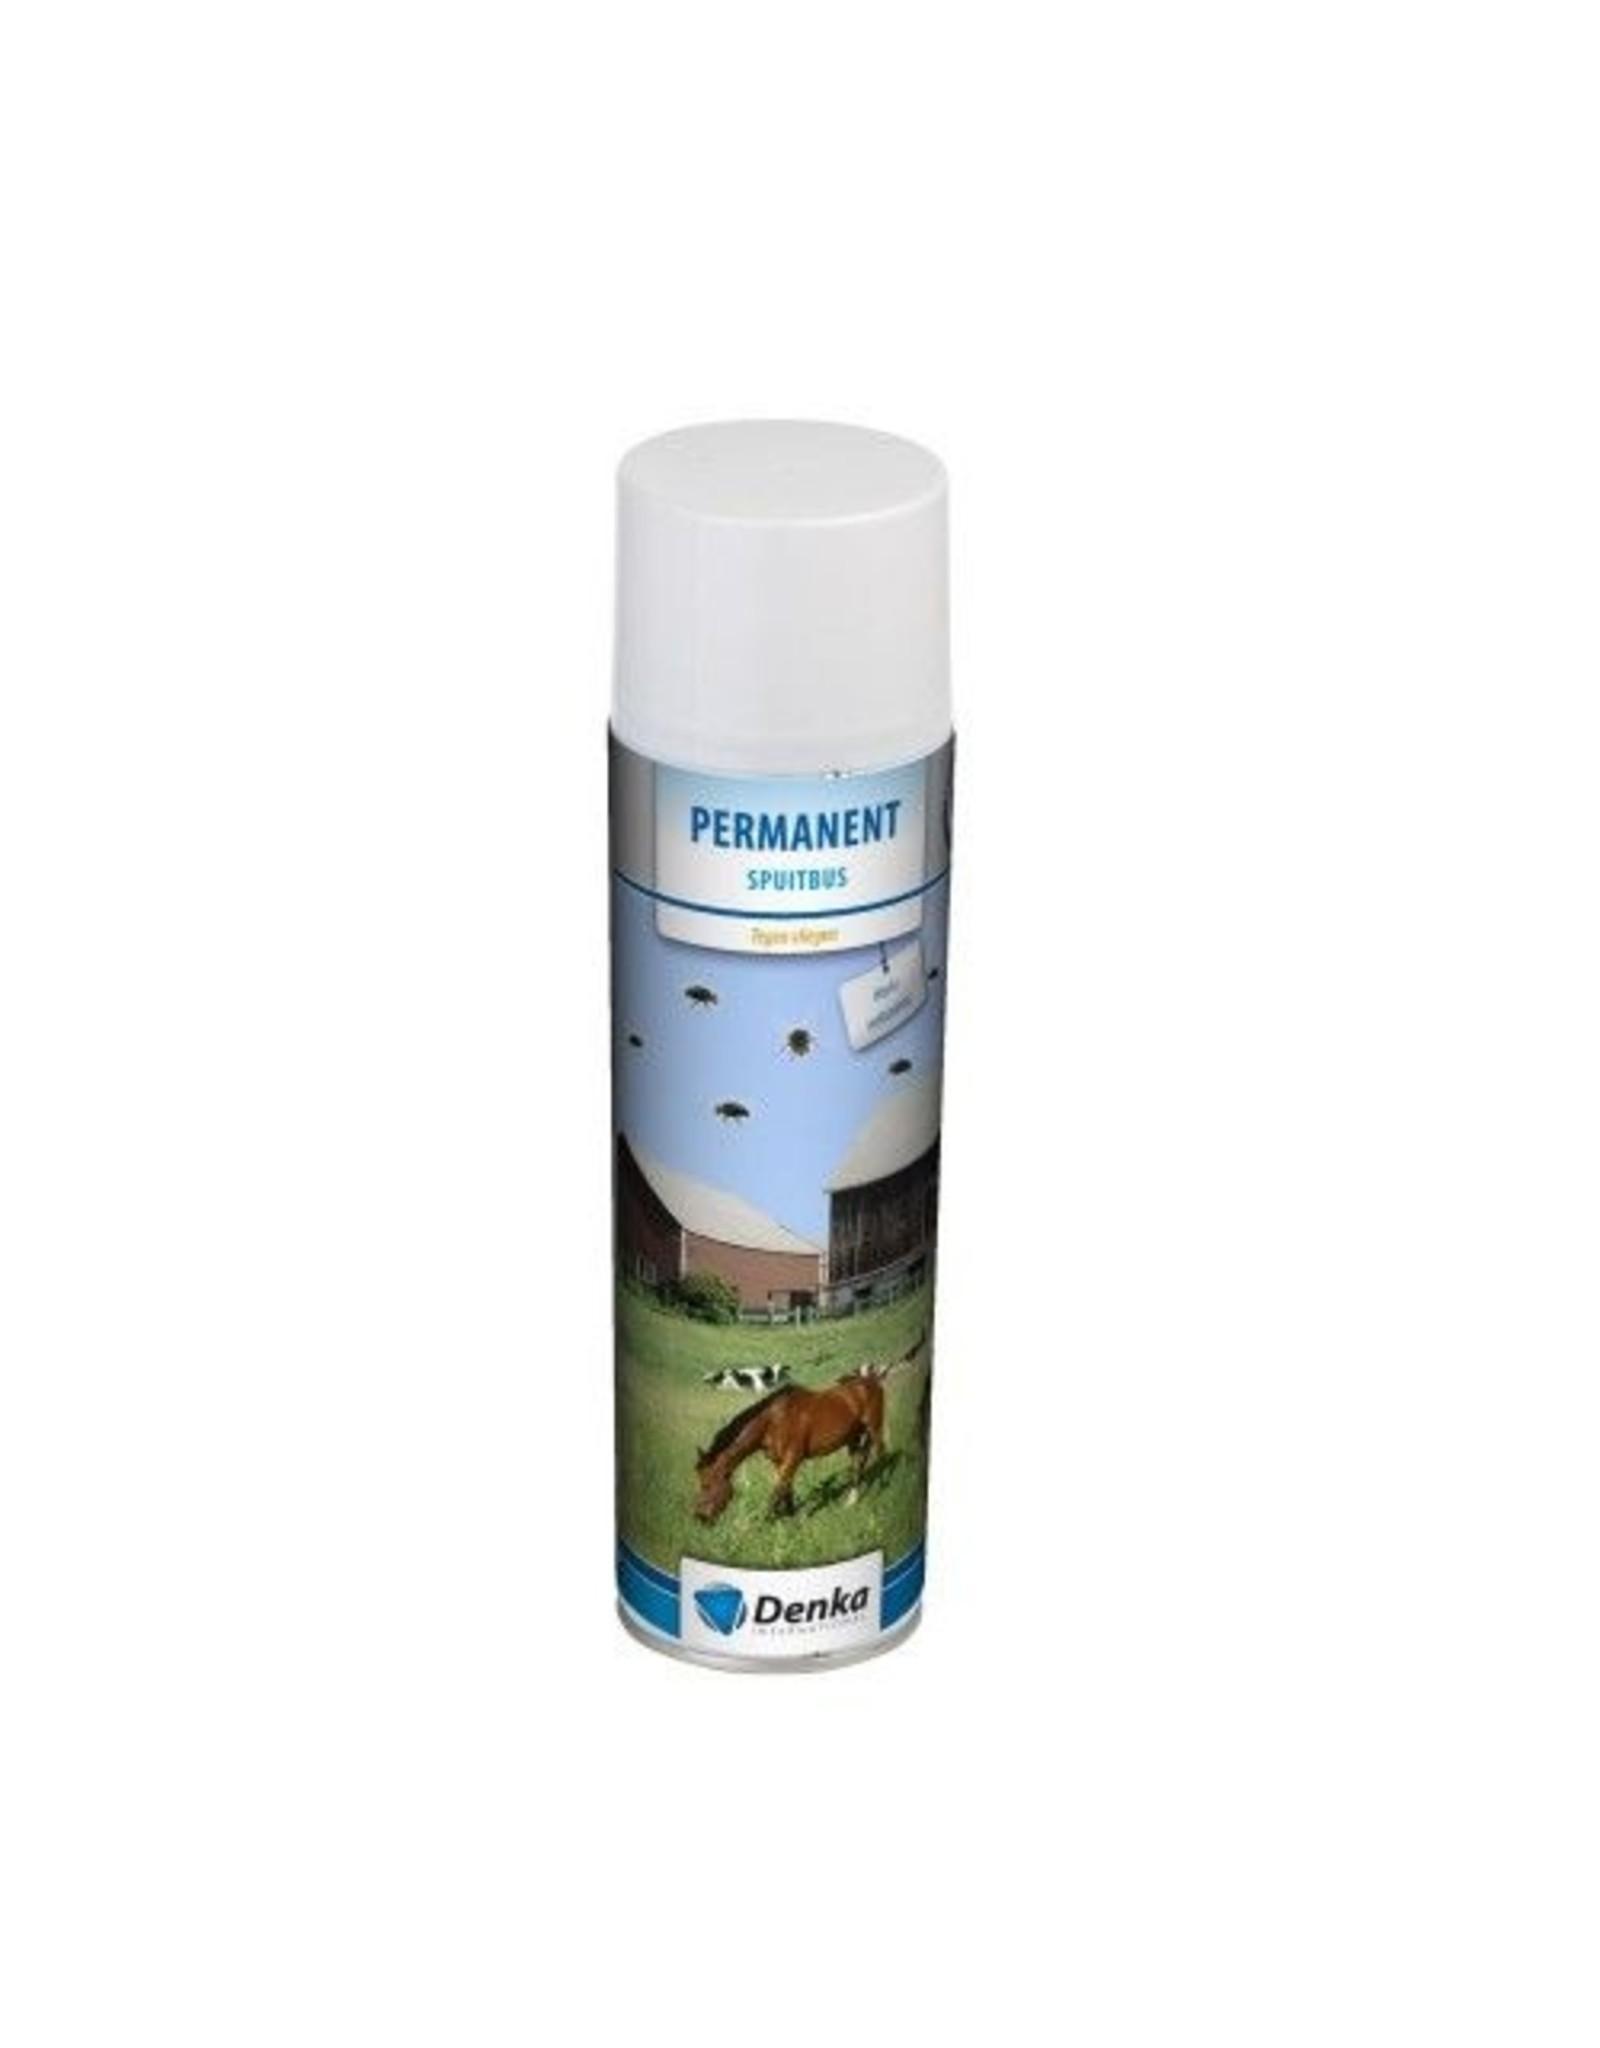 Denka Permanent spray 500 ml tegen vliegen